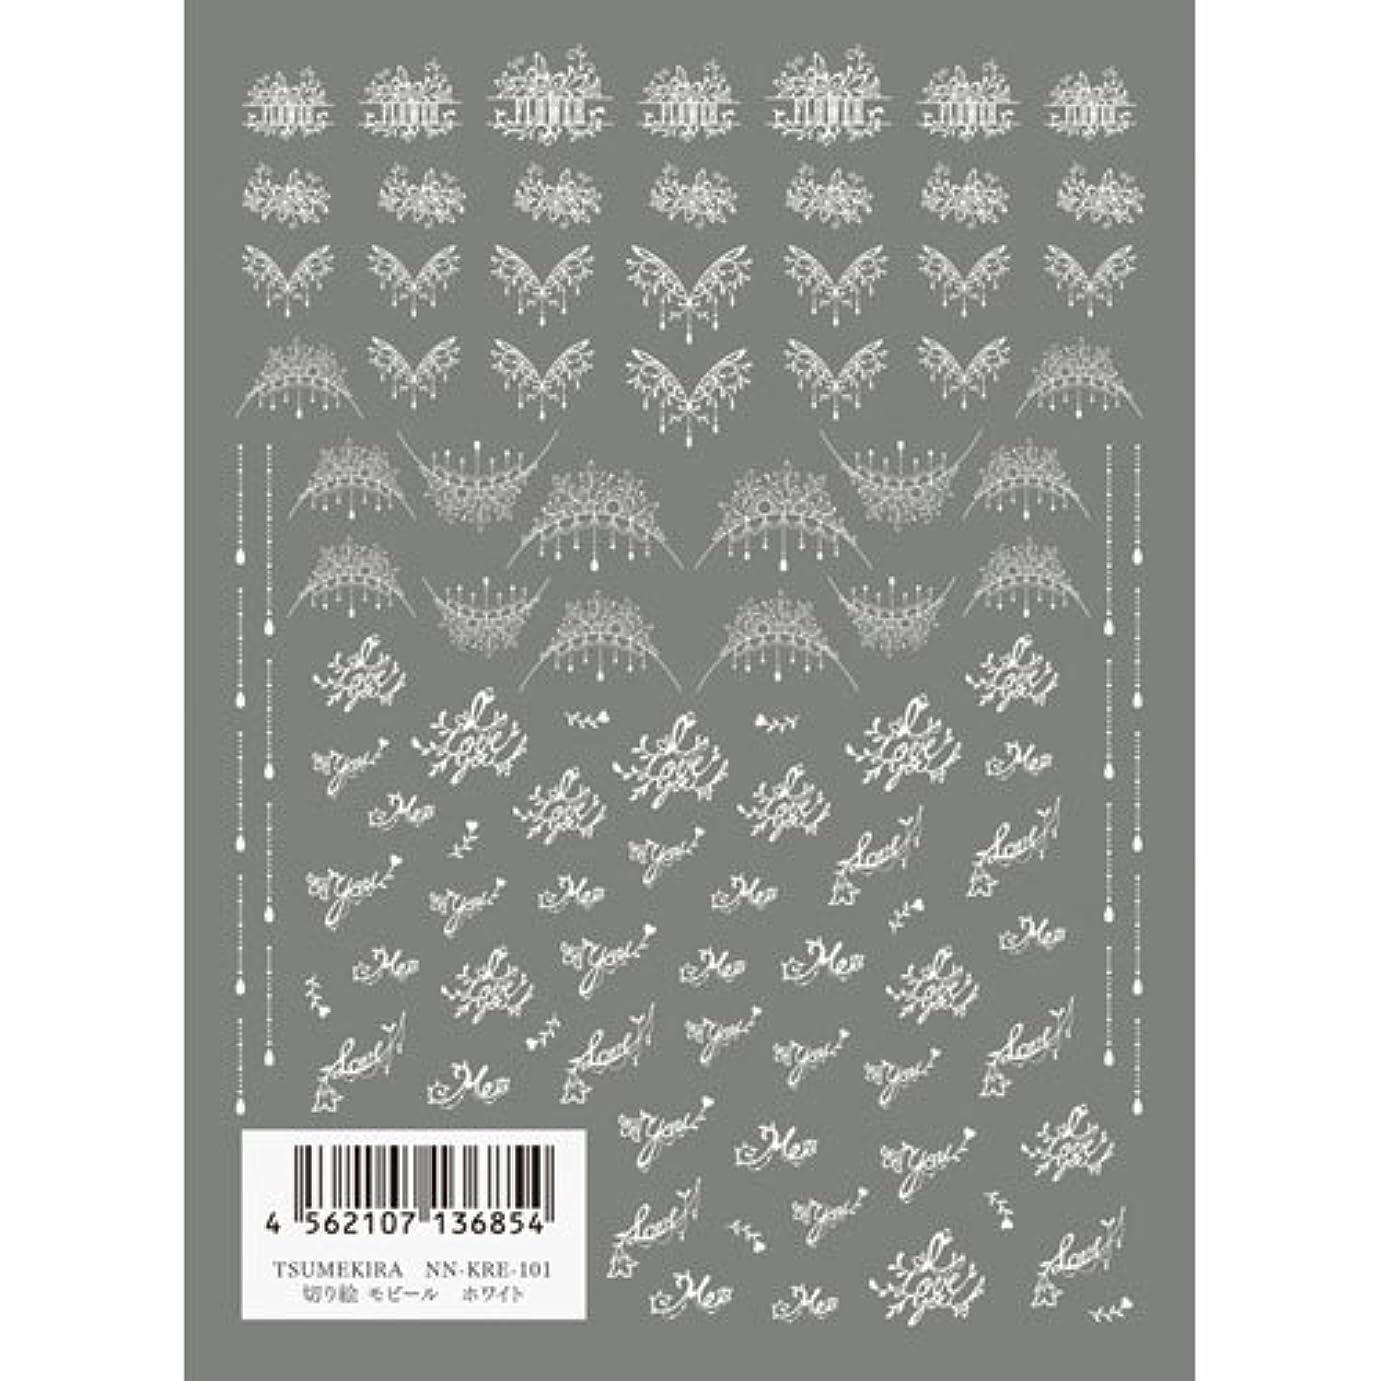 撤退泣き叫ぶ言及するツメキラ(TSUMEKIRA) ネイル用シール 切り絵 モビール ホワイト NN-KRE-101